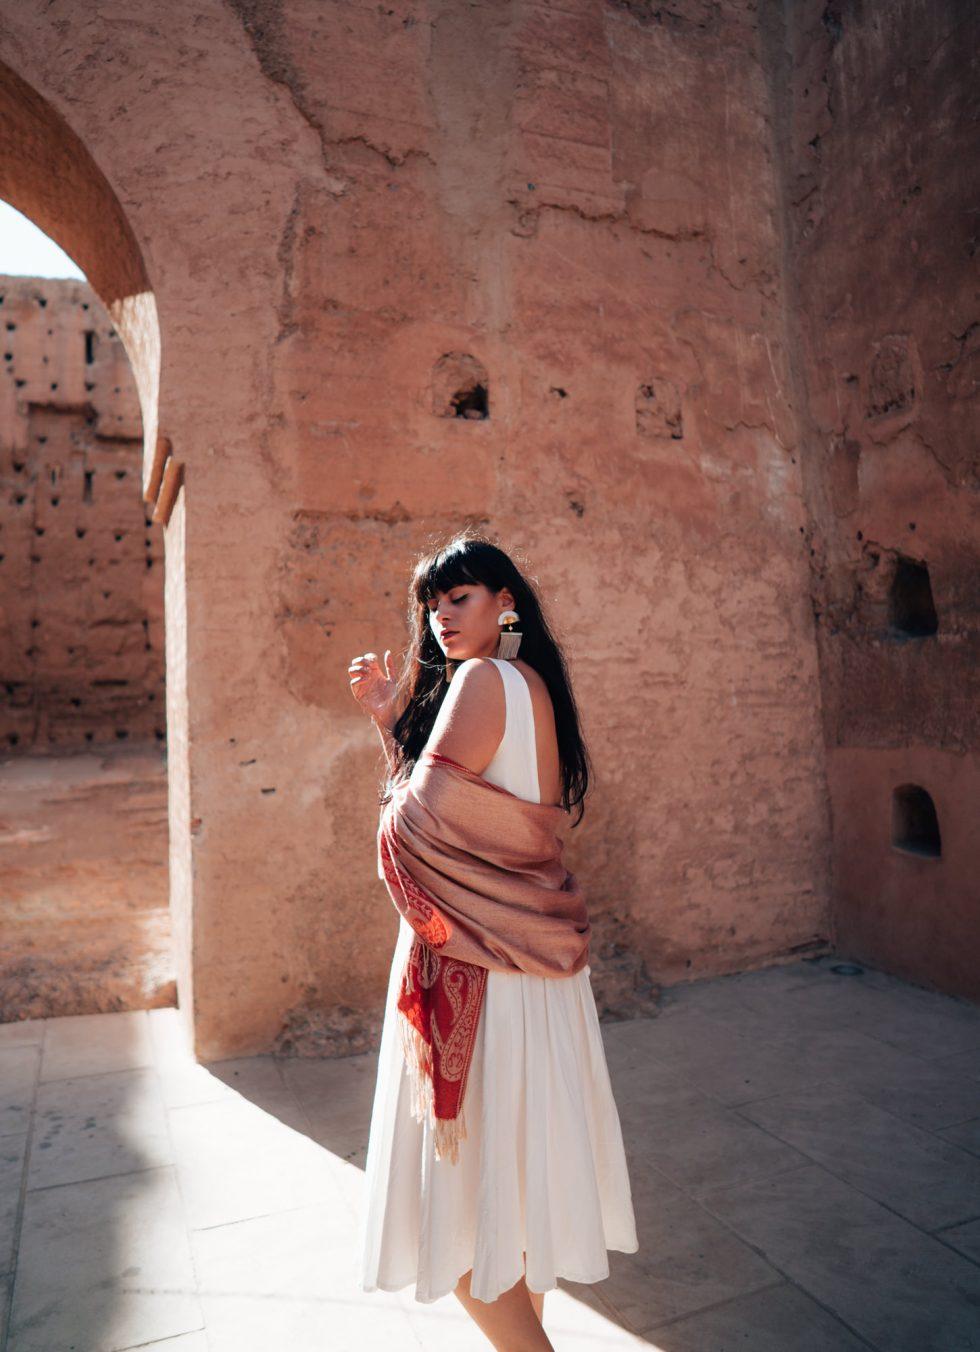 el-badi-palace-morocco-travel-lifestyle-photographer-laura-g-diaz